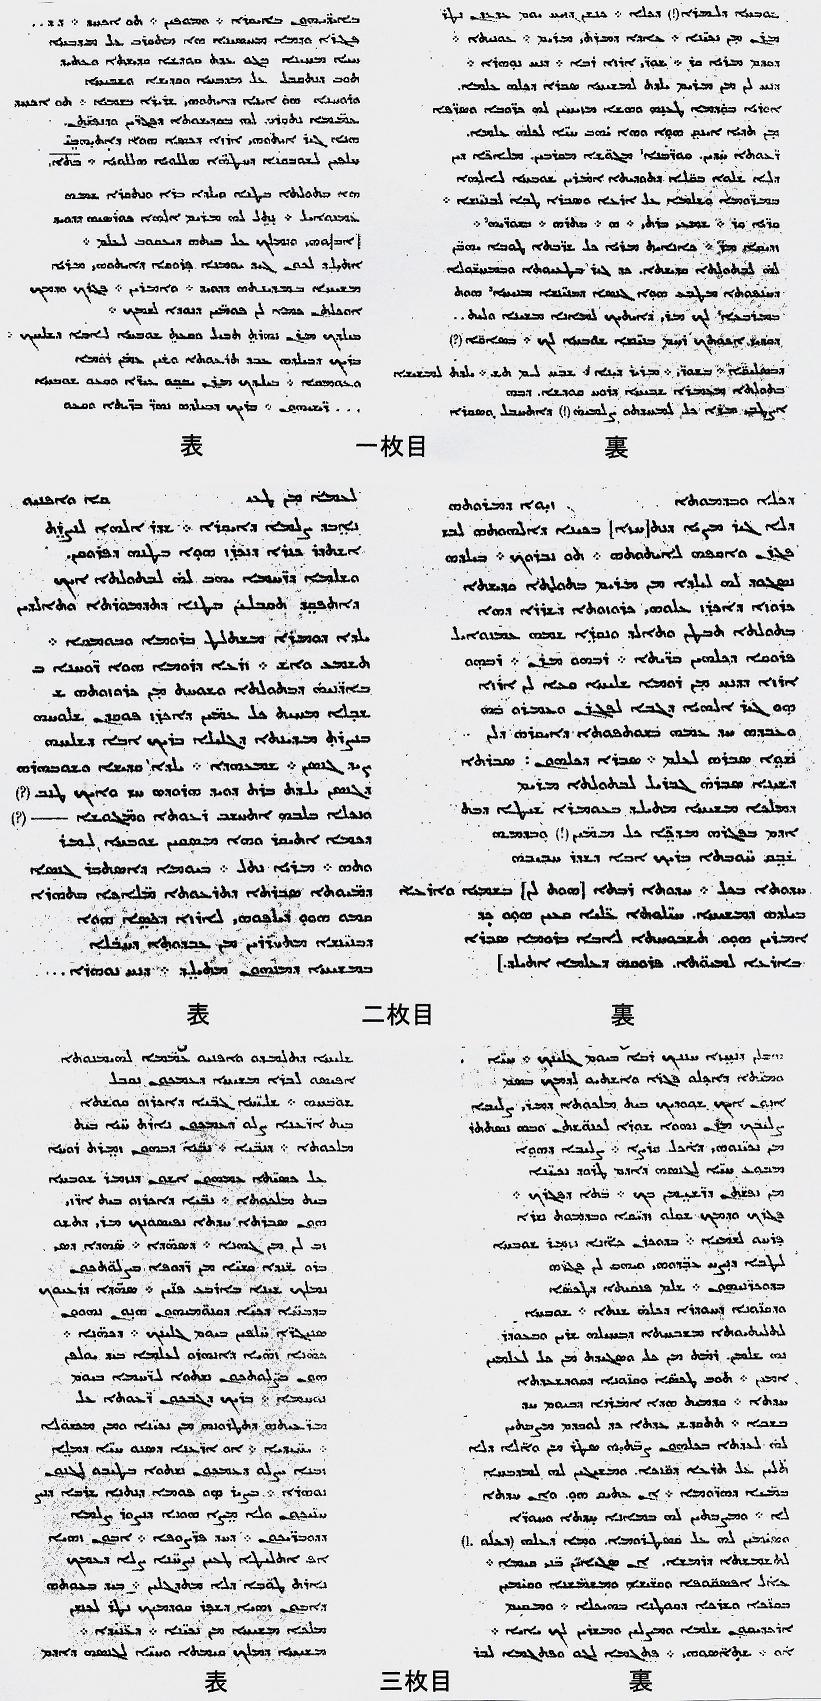 温故知神—福音は東方世界へ(11)唐代の漢文で書かれたイエスの降誕記事3 川口一彦